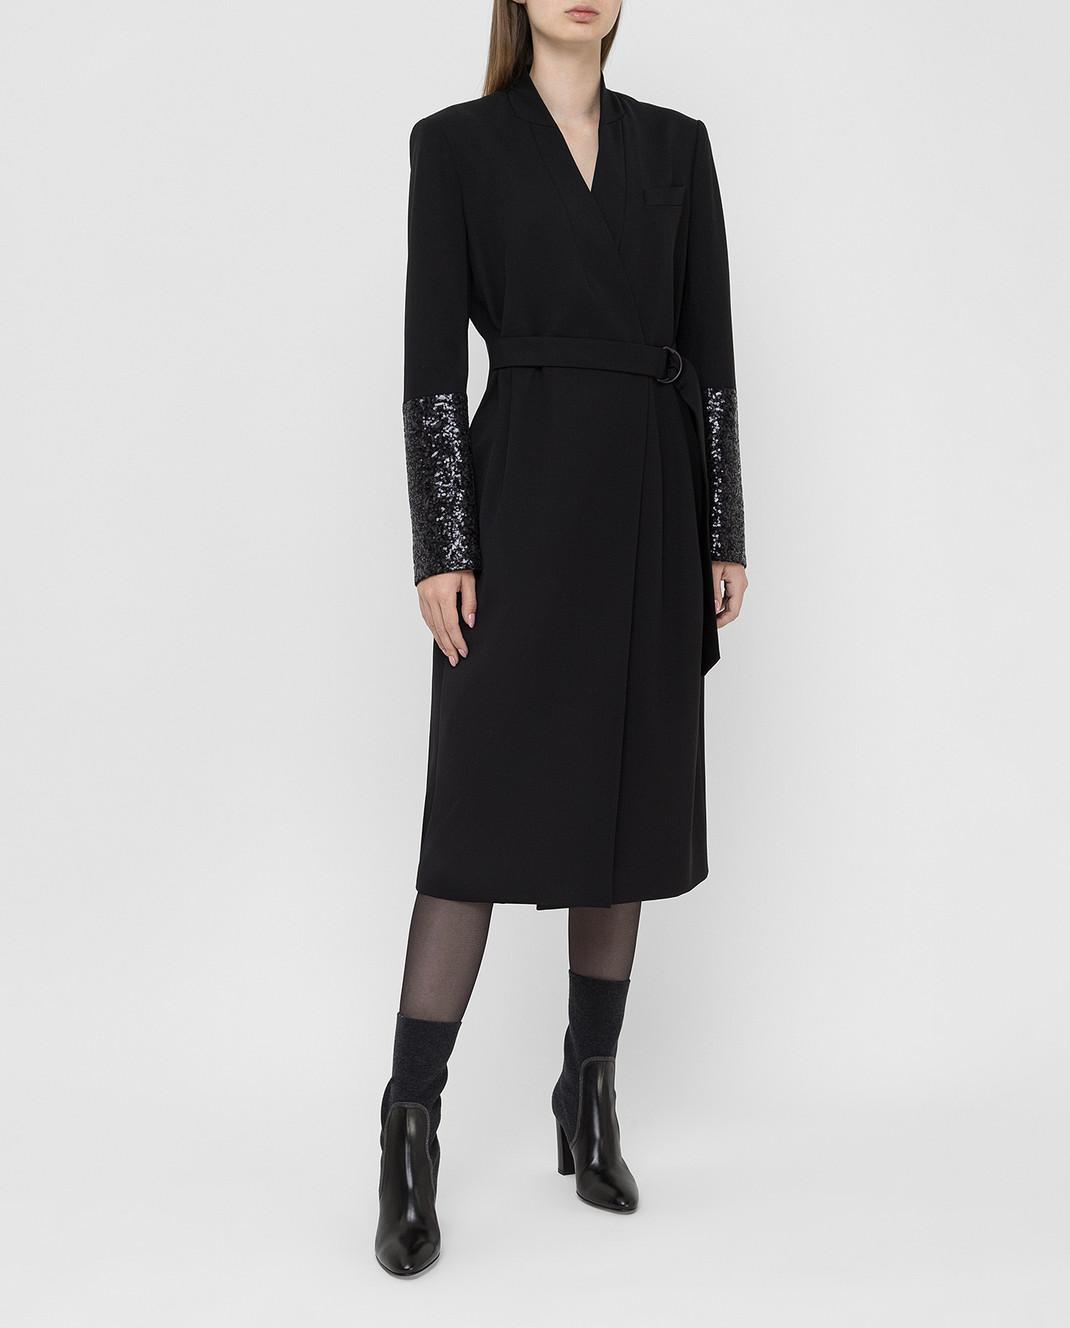 Brunello Cucinelli Черное платье из шерсти изображение 2